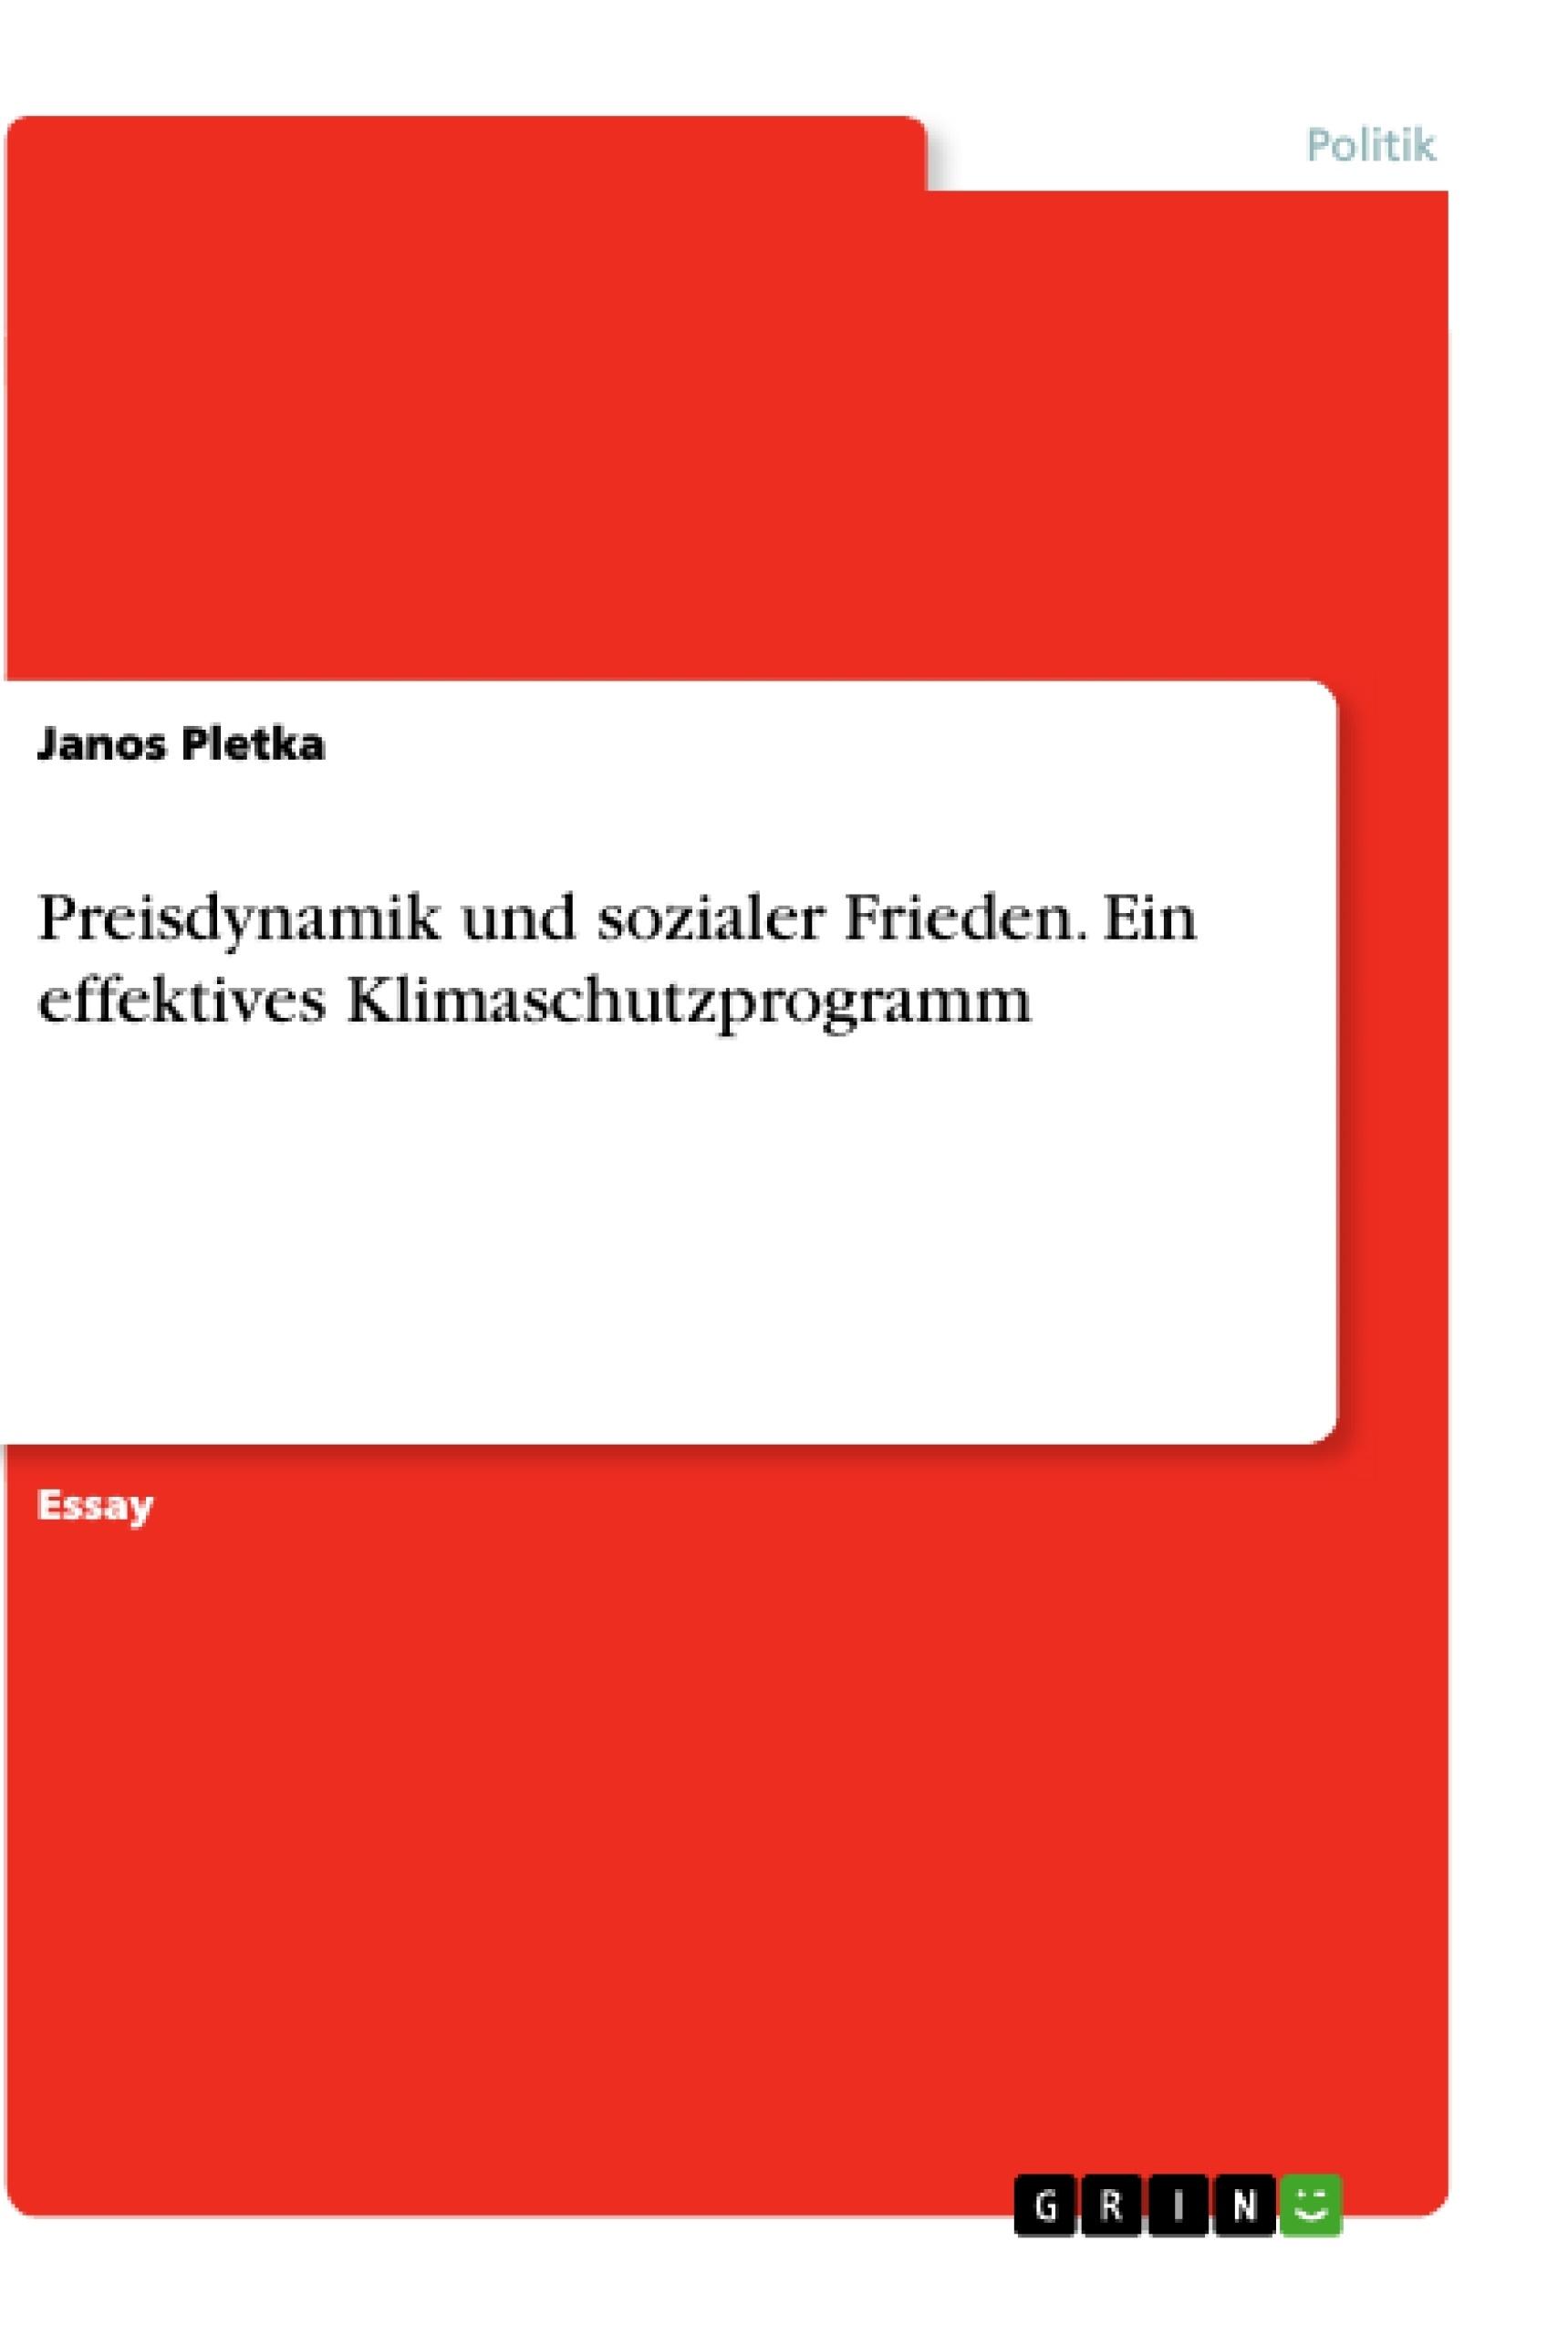 Titel: Preisdynamik und sozialer Frieden. Ein effektives Klimaschutzprogramm